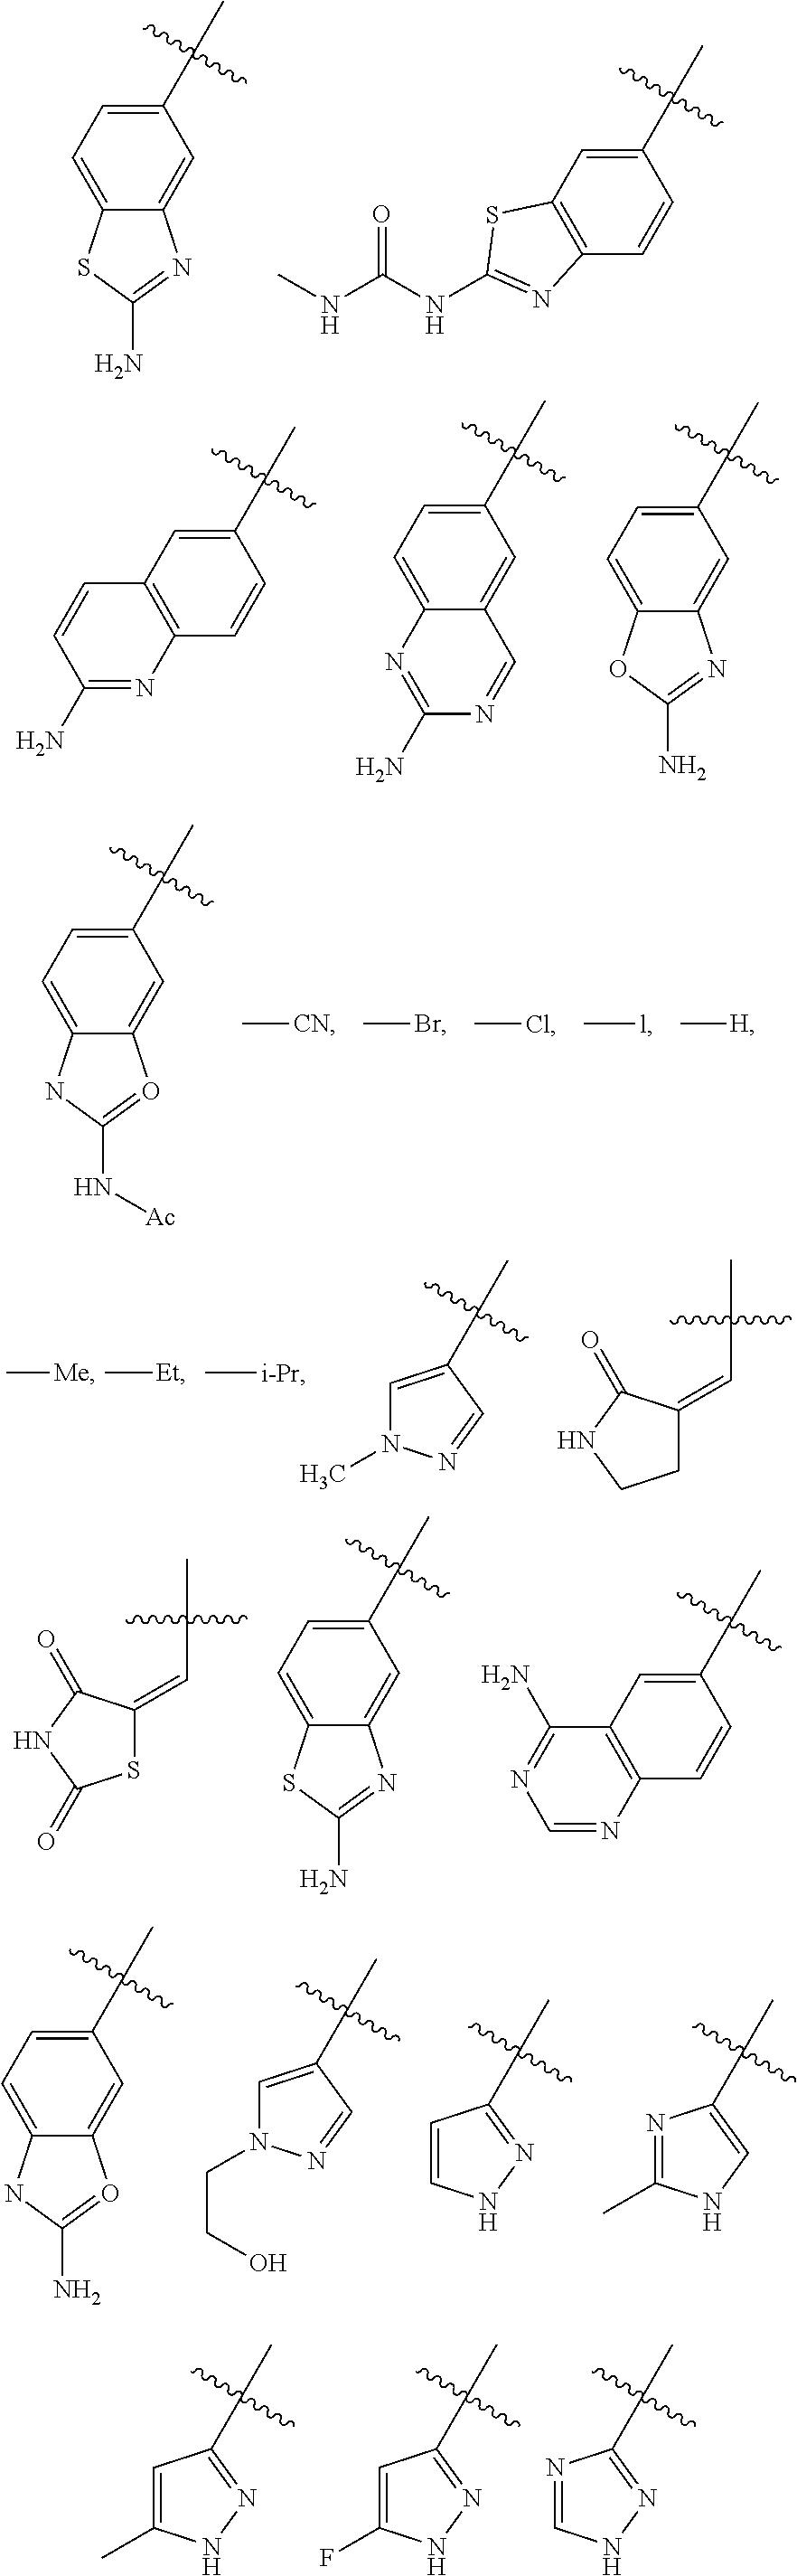 Figure US08193182-20120605-C00053